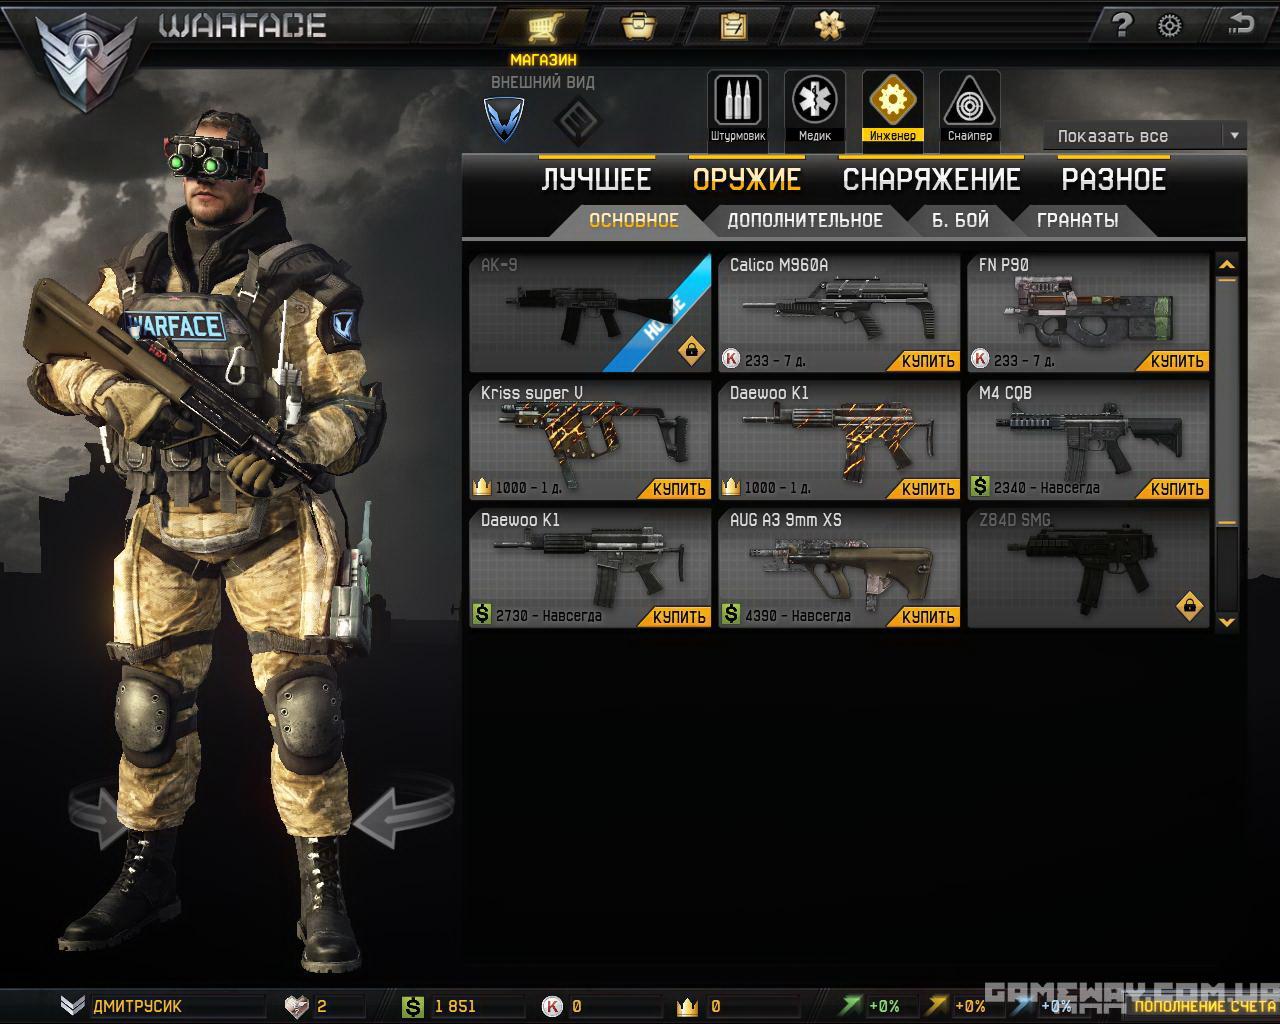 warfaсe скриншоты игры, обзор